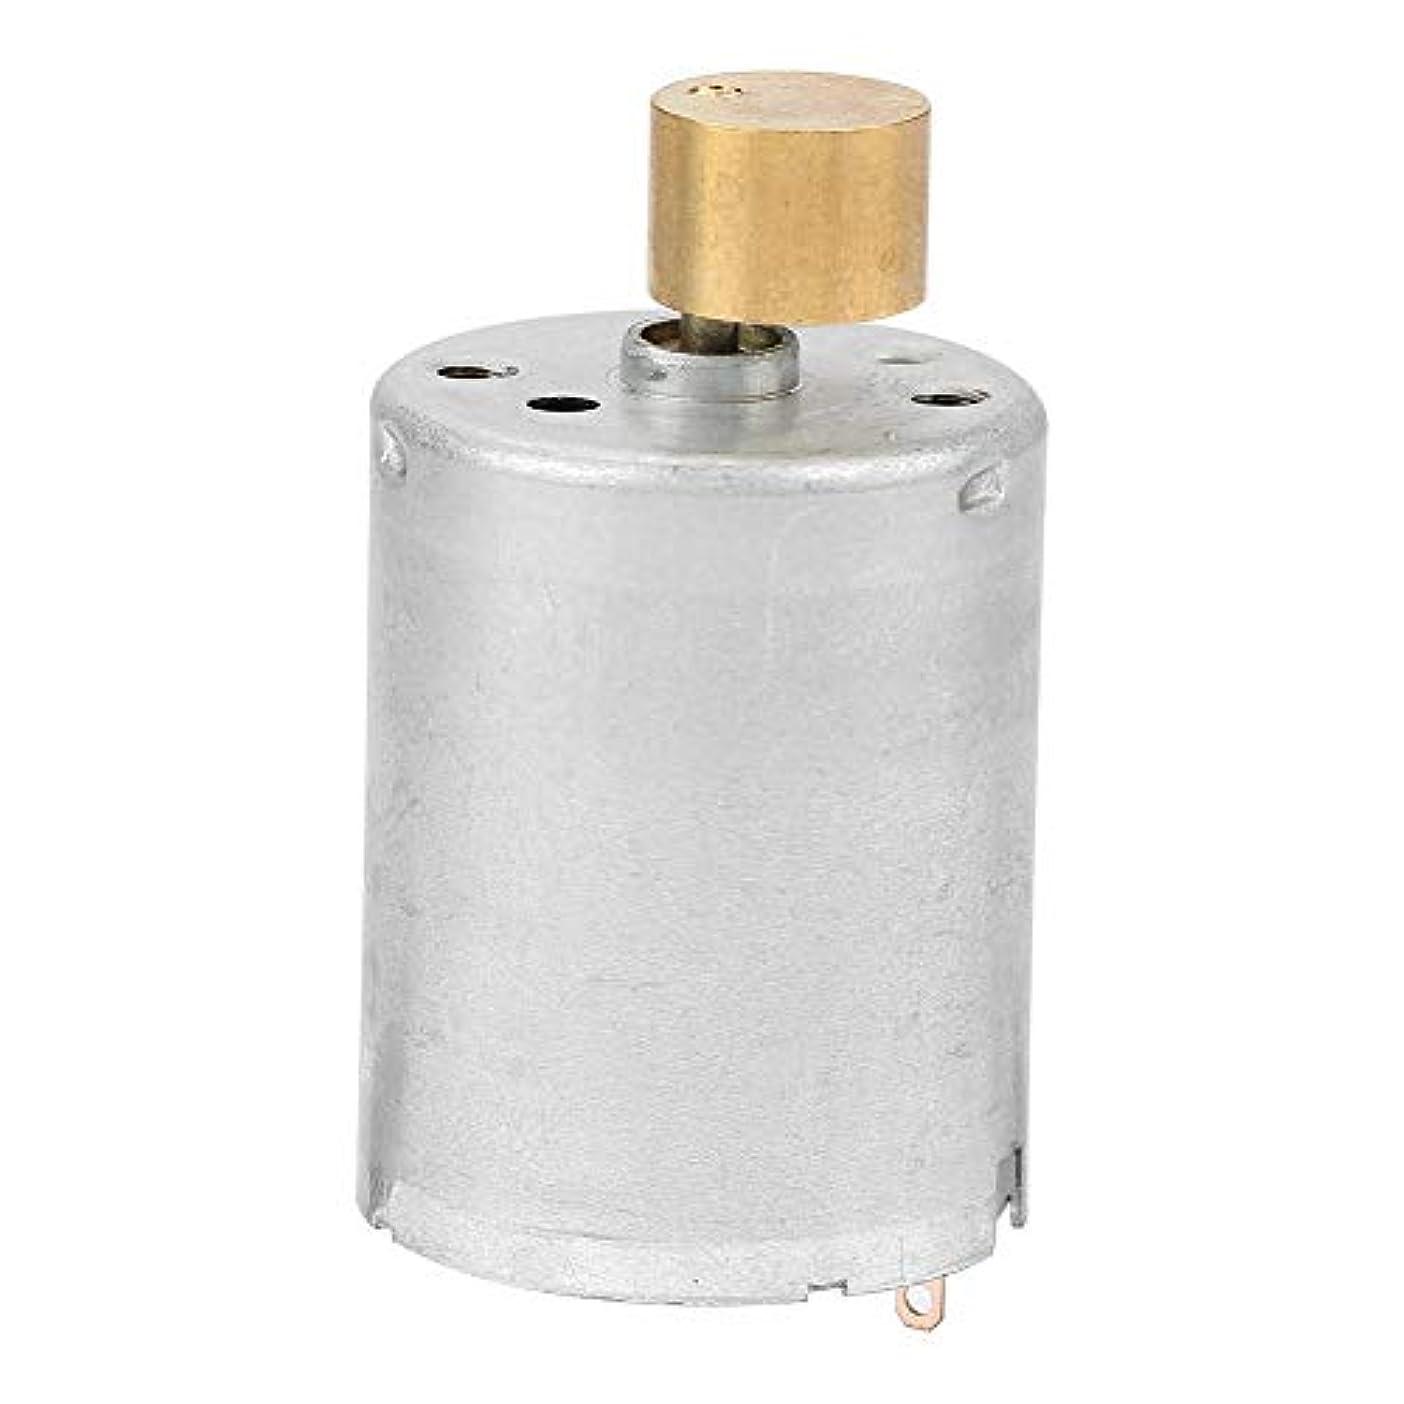 グラディス花婿換気する振動モーター、RF370 DCマッサージ装置用ミニ強力振動振動モーター12V